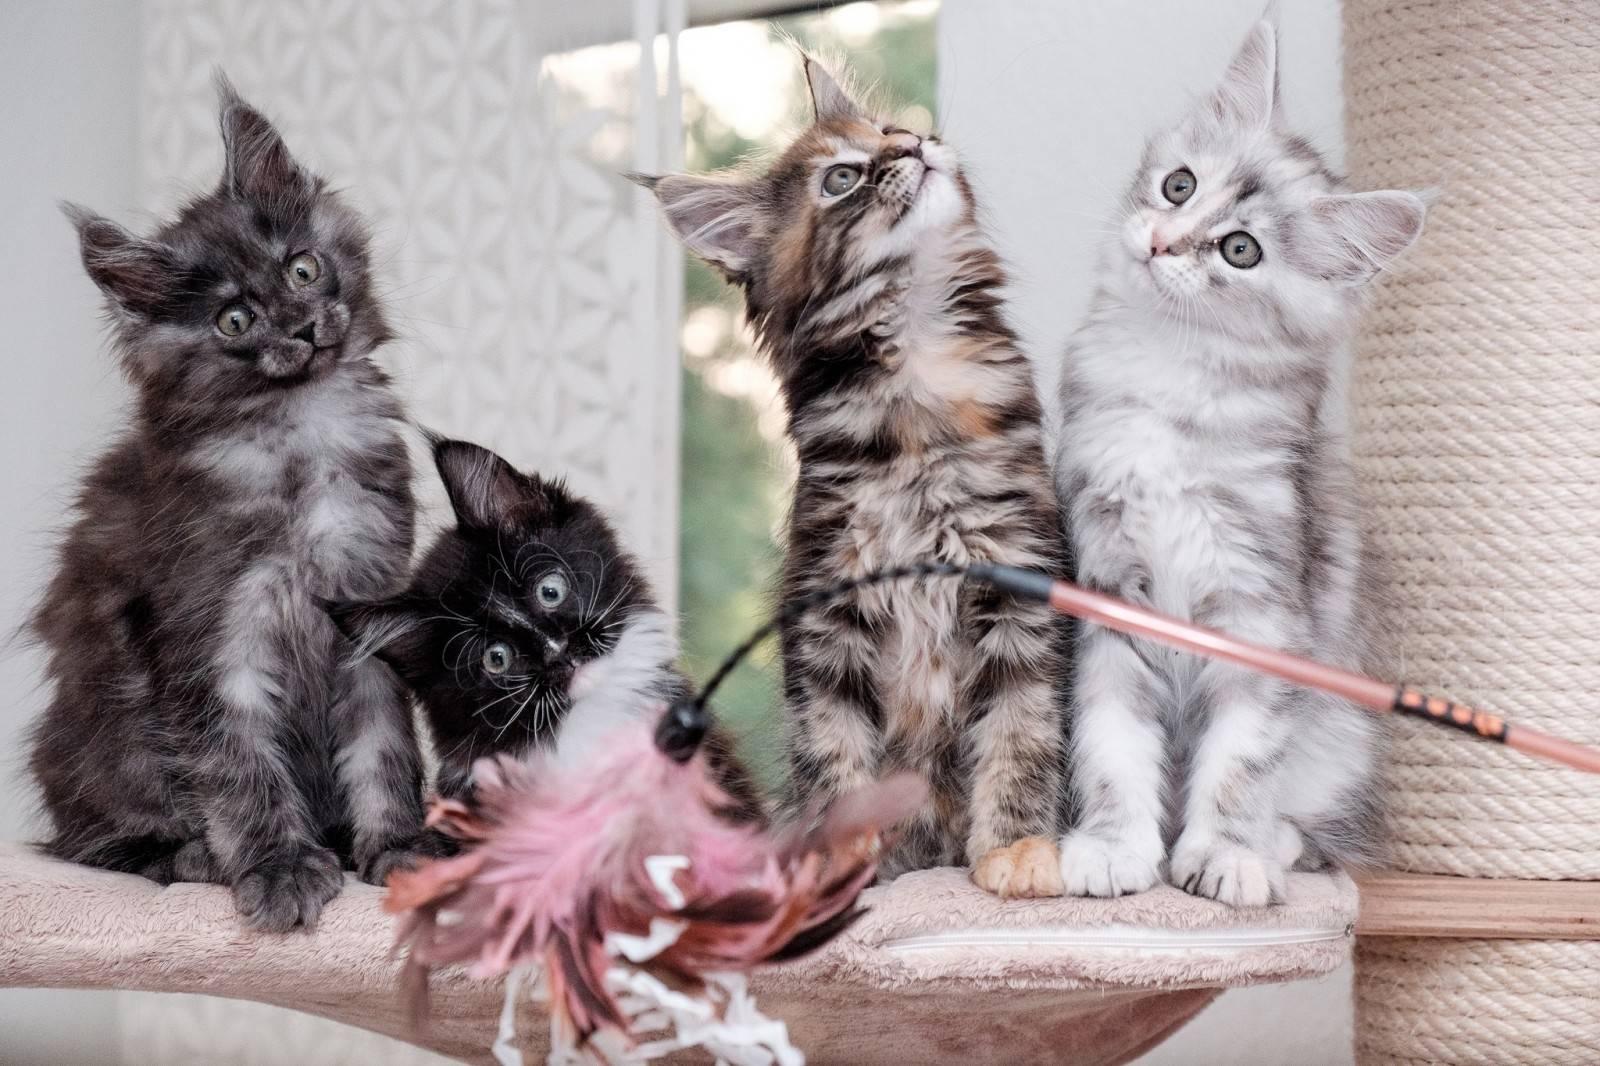 Когда нужно делать прививку котенку мейн куну | my darling cats